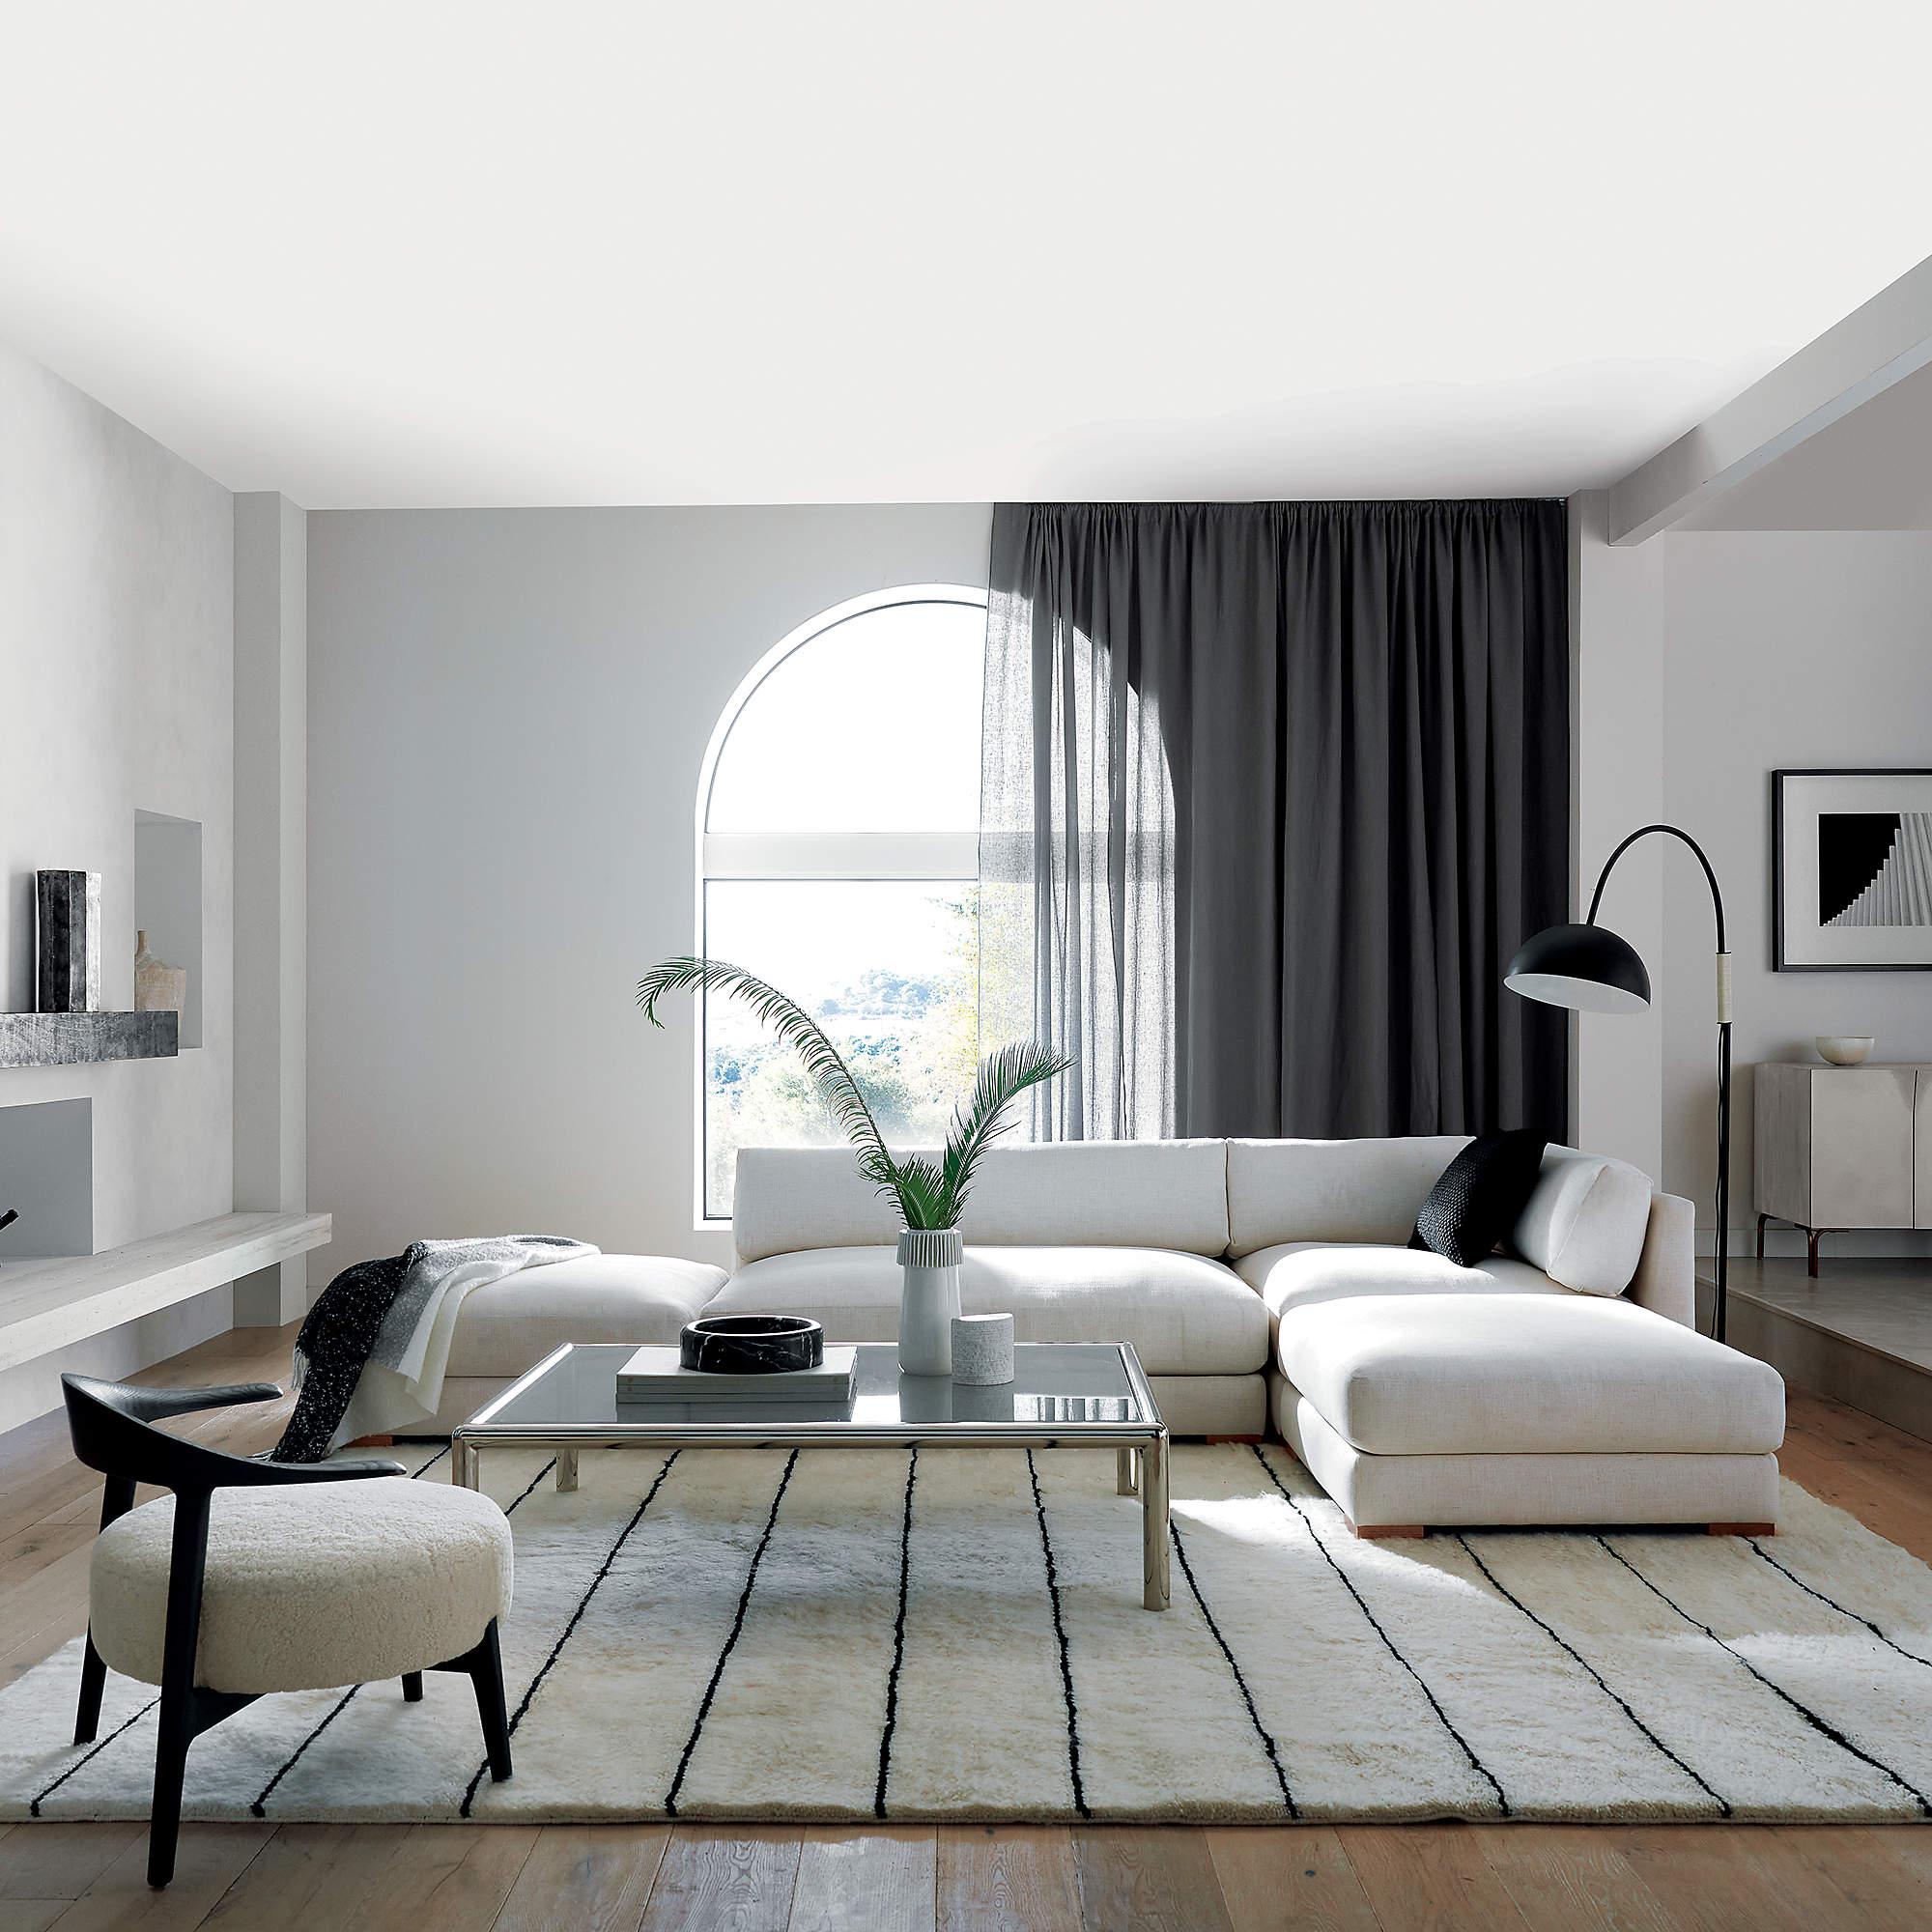 Piazza 4-Piece Modular Sectional Sofa, Snow